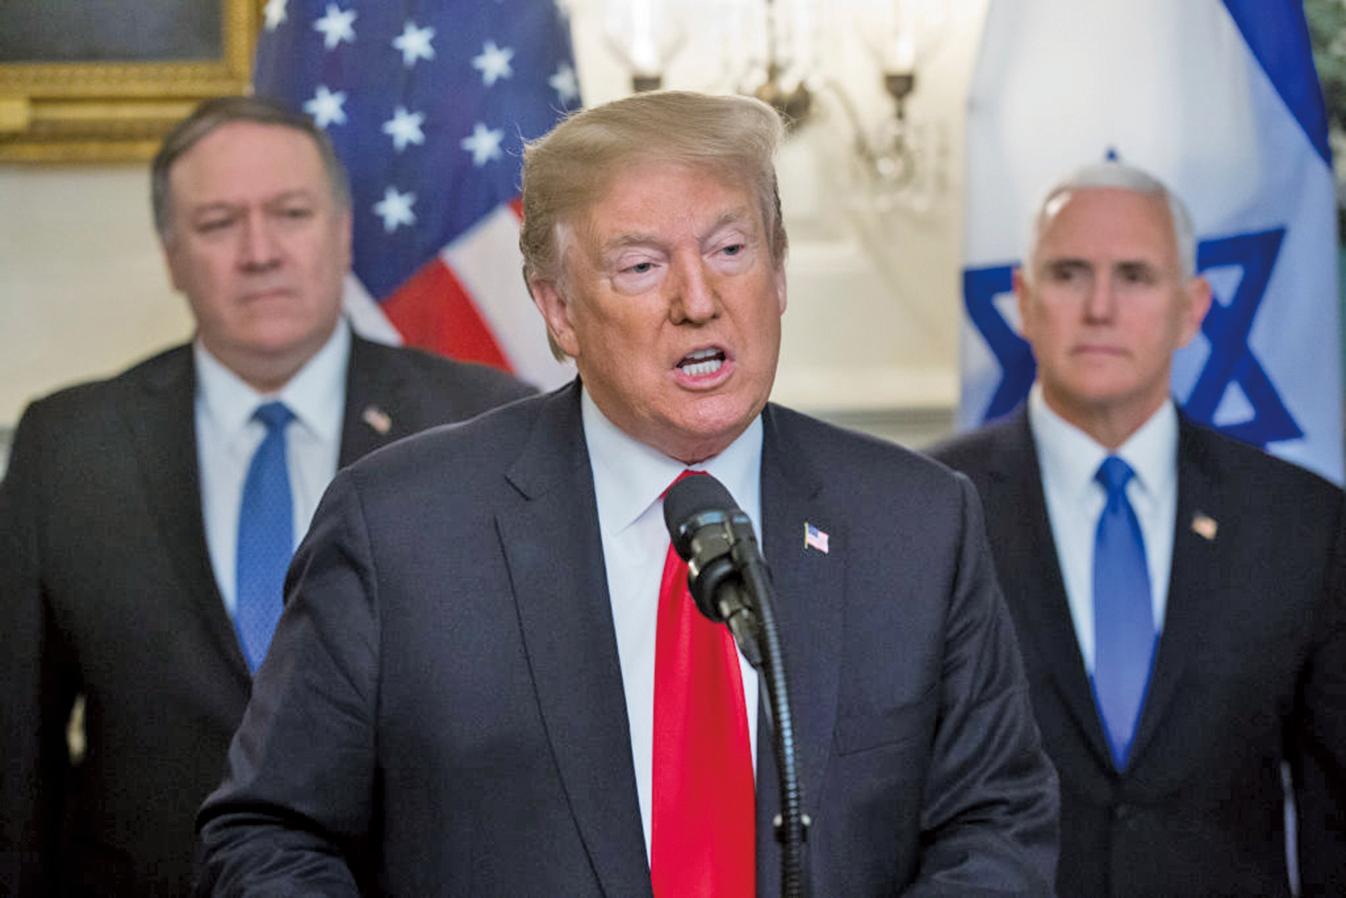 美國總統特朗普派副總統彭斯和國務卿蓬佩奧前往土耳其,進行停火和解協議談判。(Getty Images)